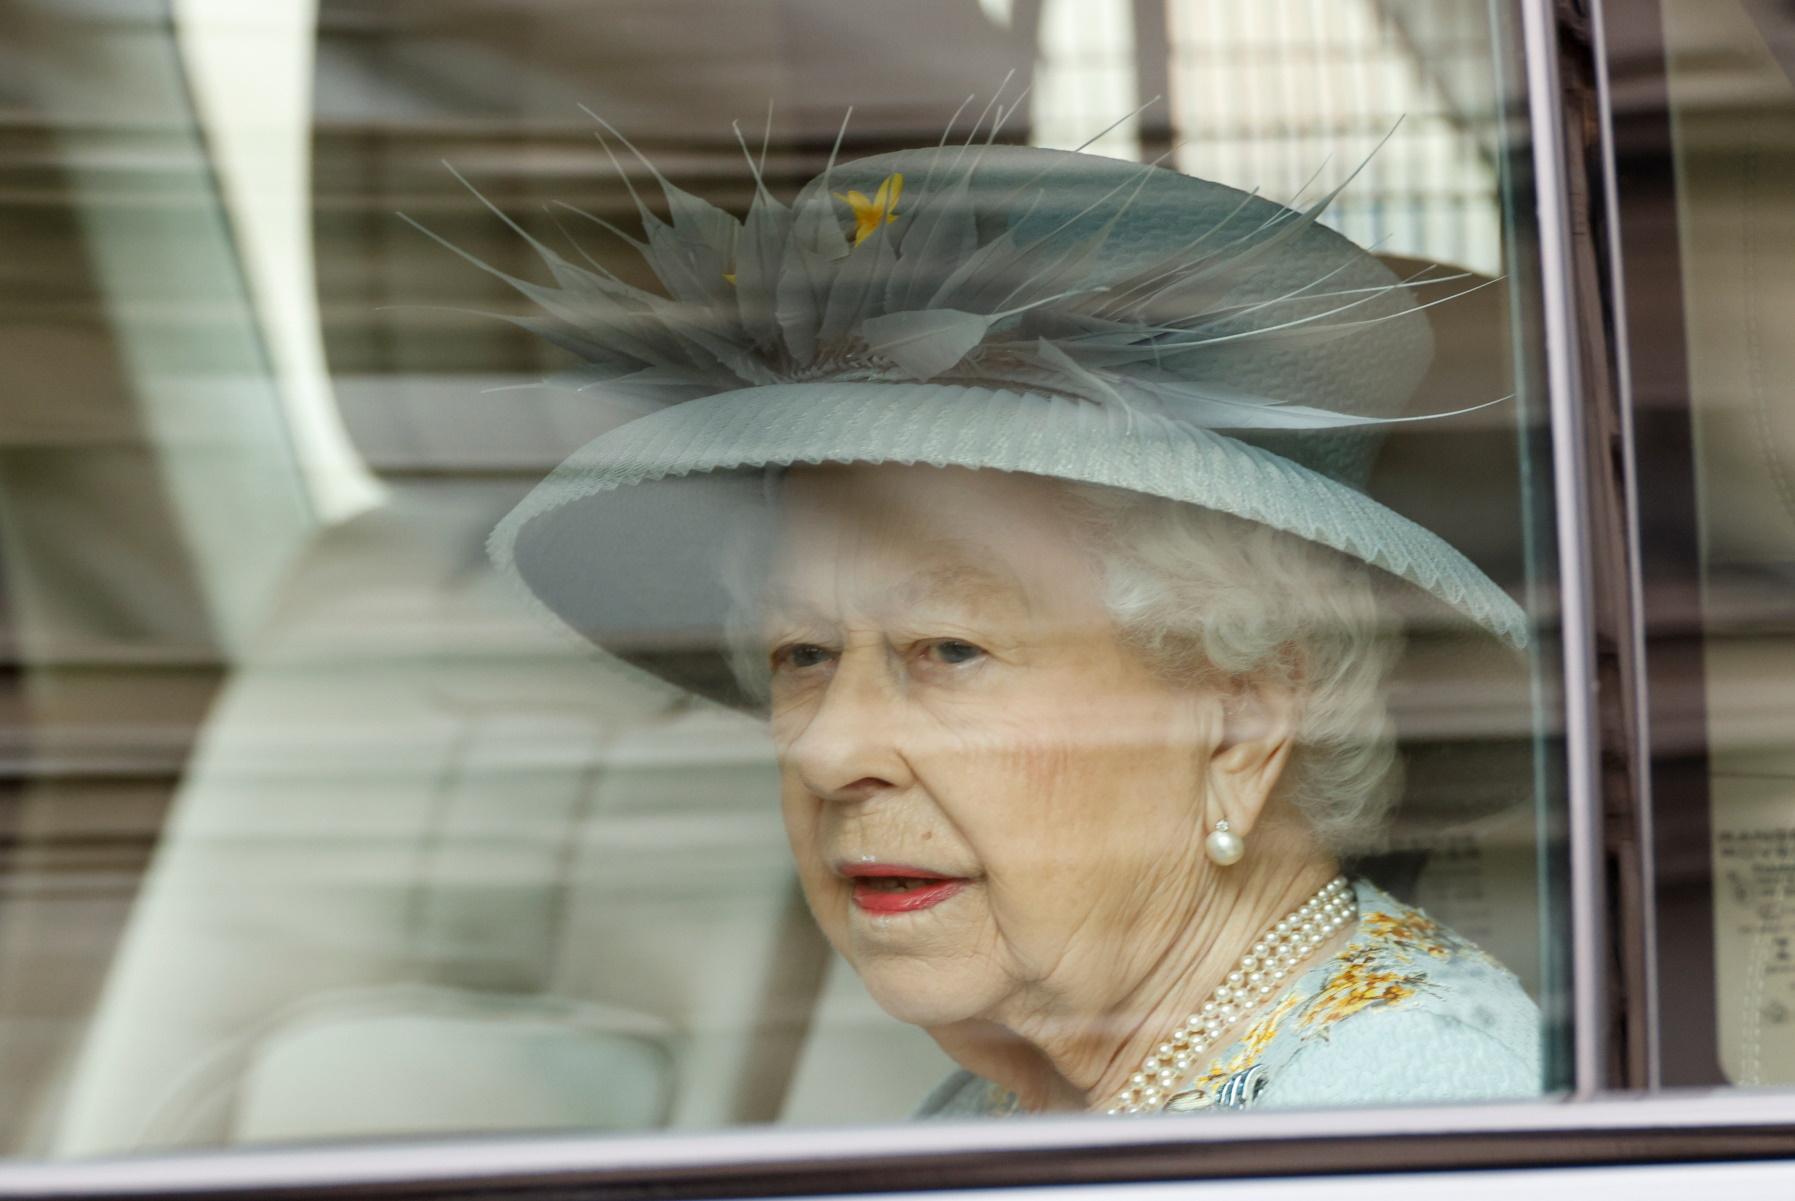 Ελισάβετ: Πώς τίμησε η Βασίλισσα τη μνήμη του Φιλίππου που θα γινόταν σήμερα 100 ετών